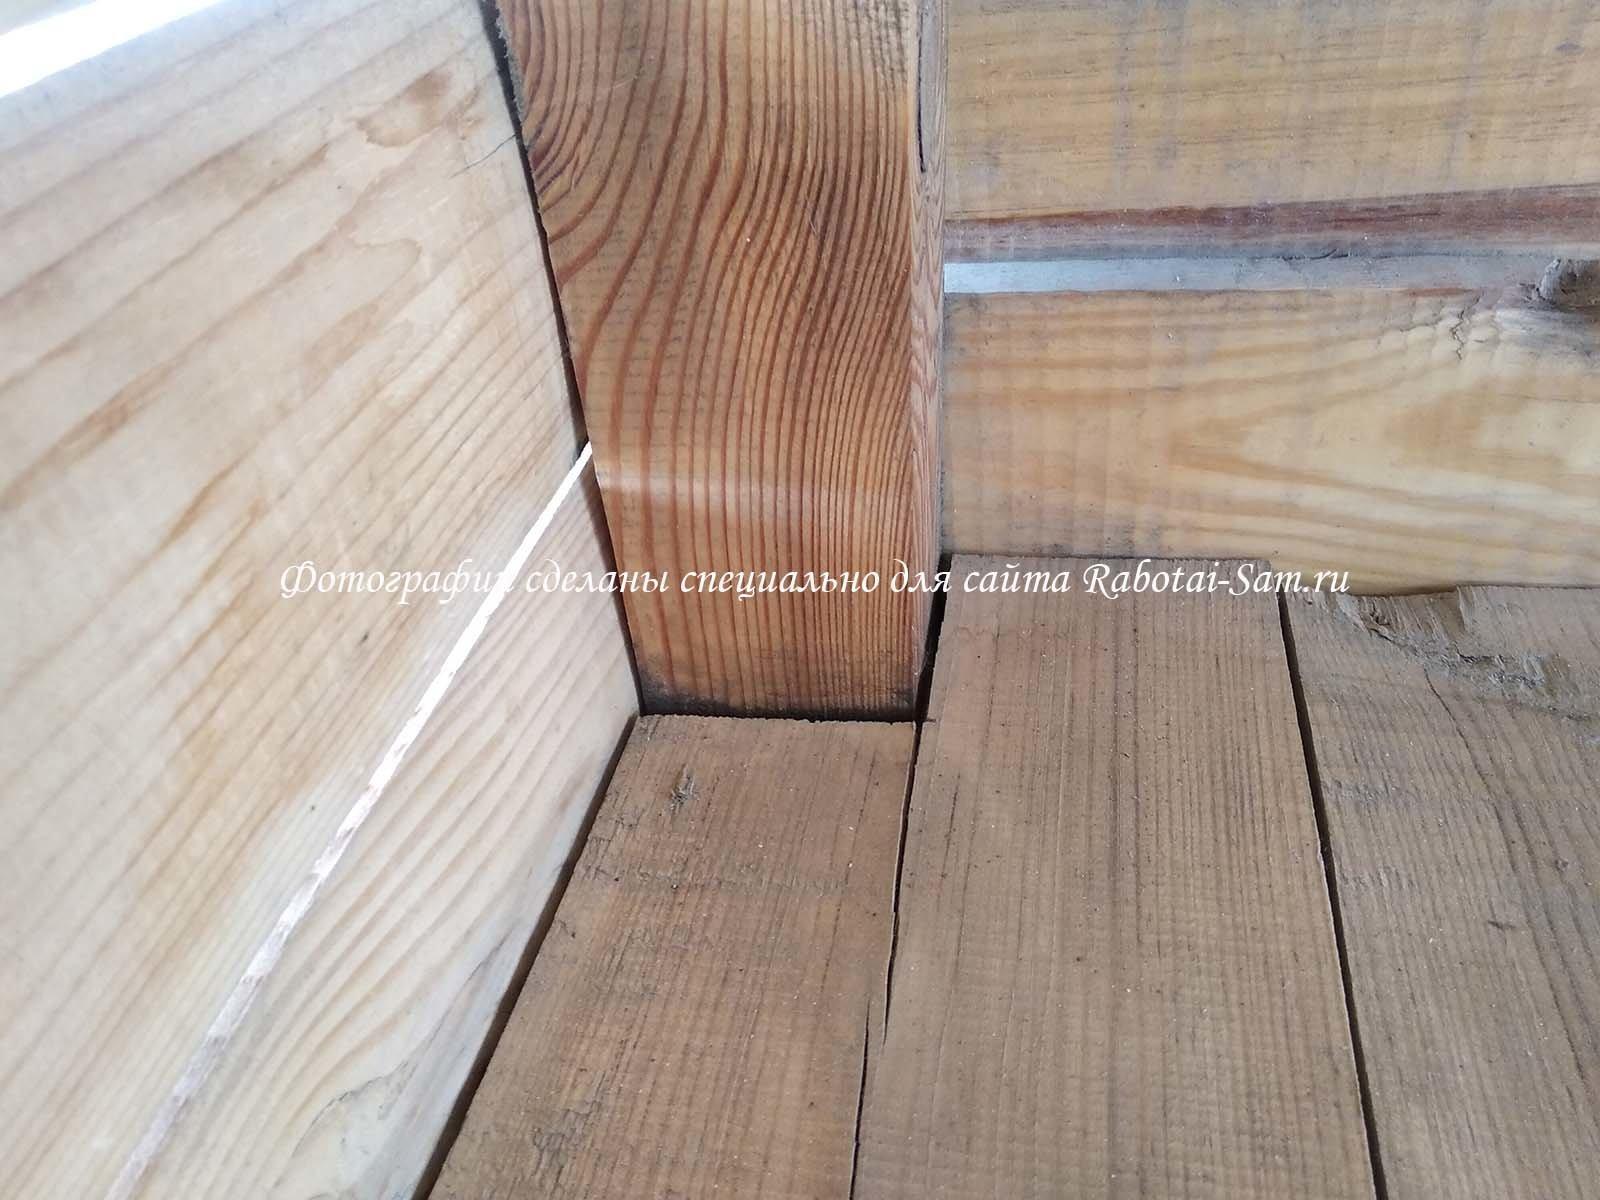 Делаем специальные вырезы в лавочке для деревянной беседки